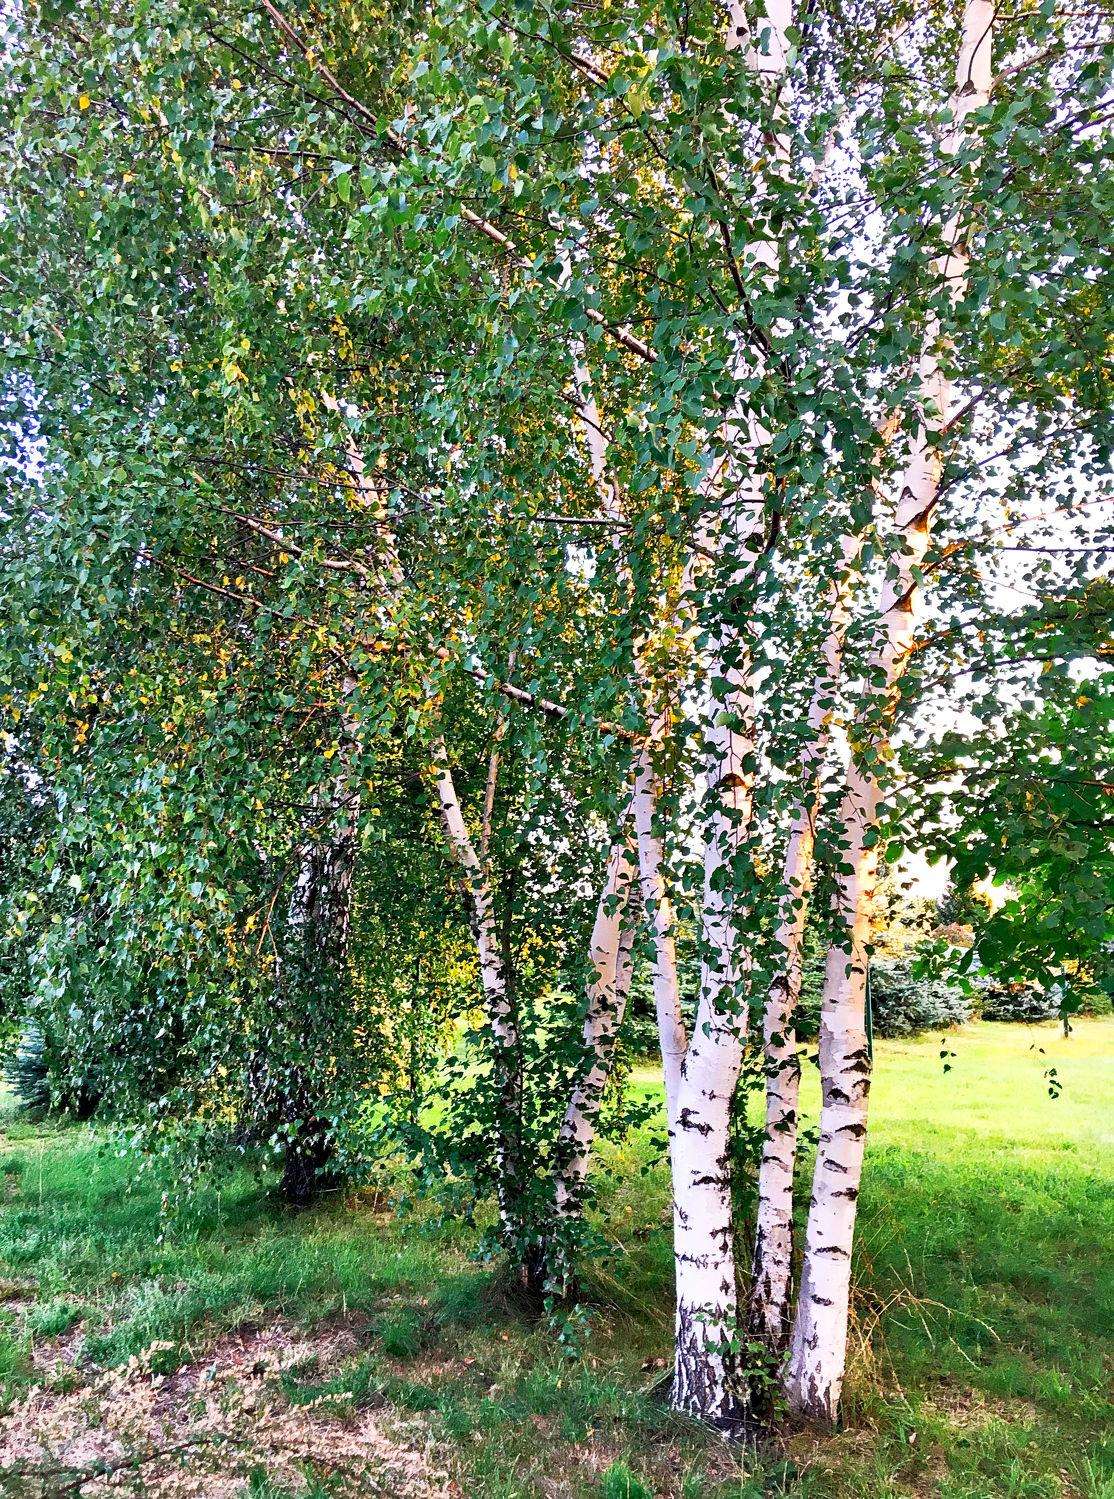 Bild mit Natur, Grün, Bäume, Weiß, Laubbäume, Birken, Baumkrone, Baum, Birke, Betula, Baumstamm, Birkenblätter, Birkengewächs, Betulaceae, Hänge-Birke, Betula pendula, Betula alba, Betula verrucosa, Sandbirke, Weißbirke, Warzenbirke, althochdeutsch Bircha, Birkenstamm, Birken-Optik, Laubbaum, Nature, Tree, Baumstämme, Birke am Wegrand